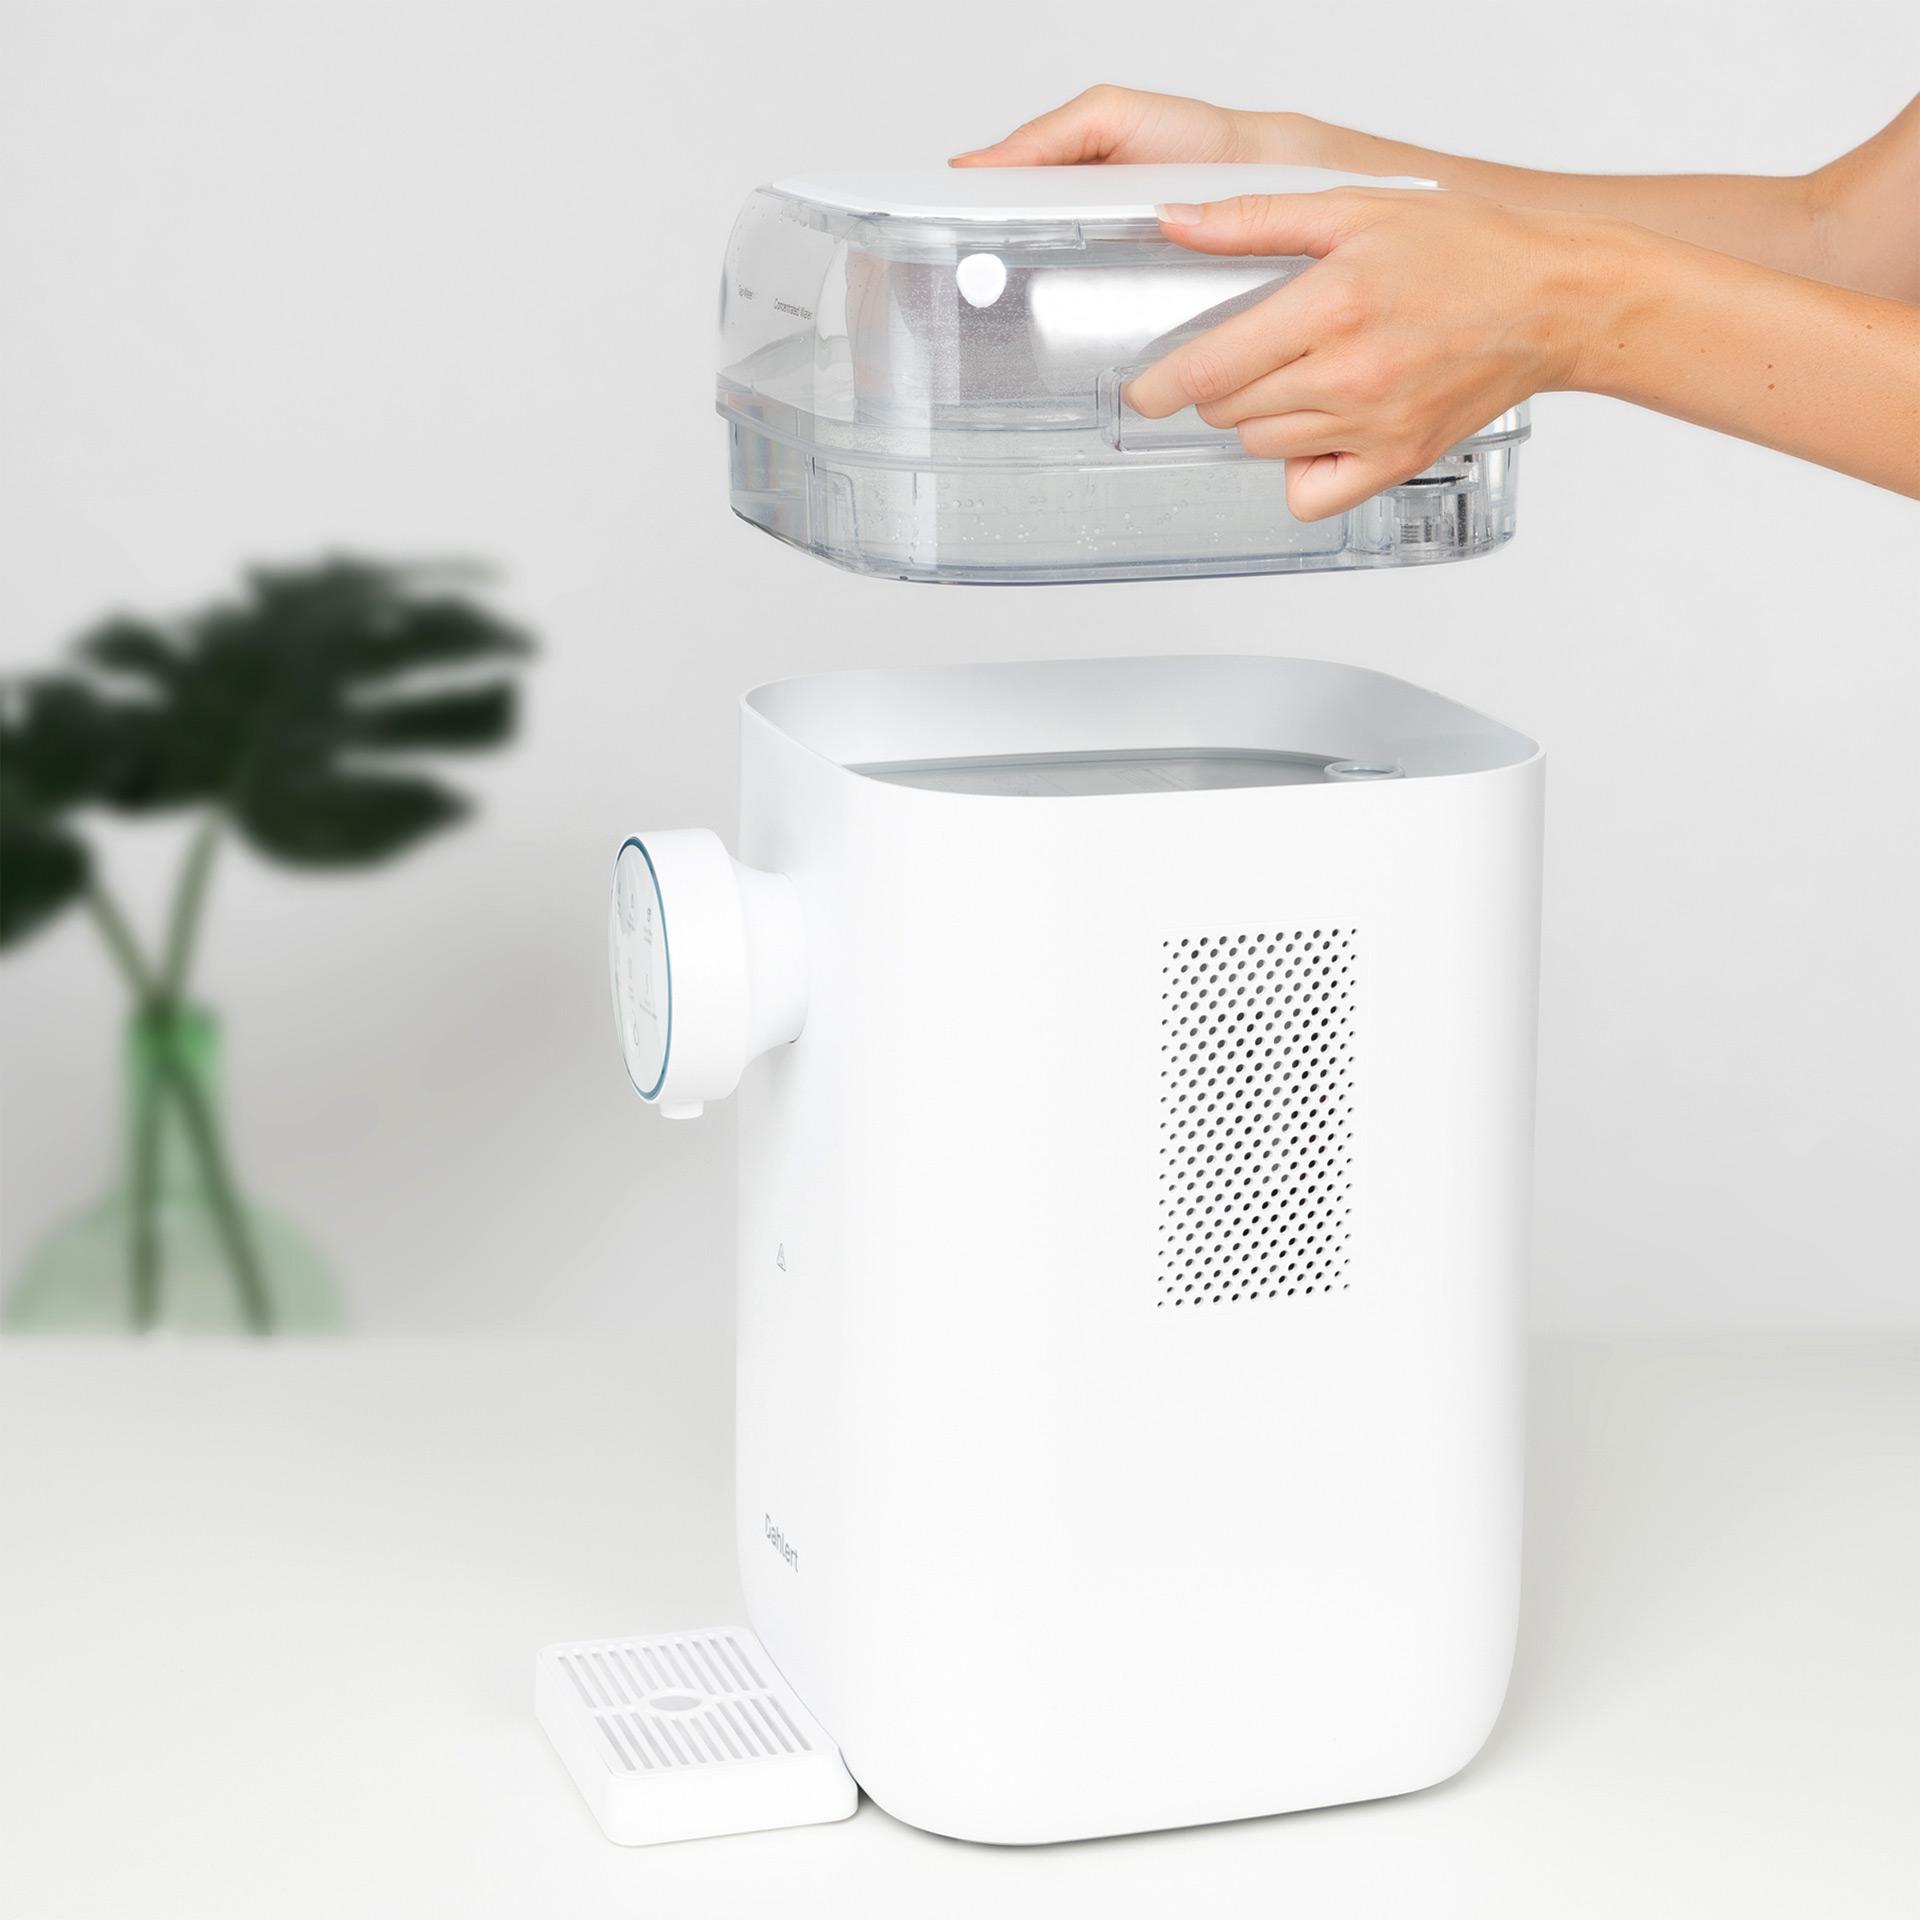 Dahlert Wasserfilter mit Wassertank für 3 Liter Ausgangswasser